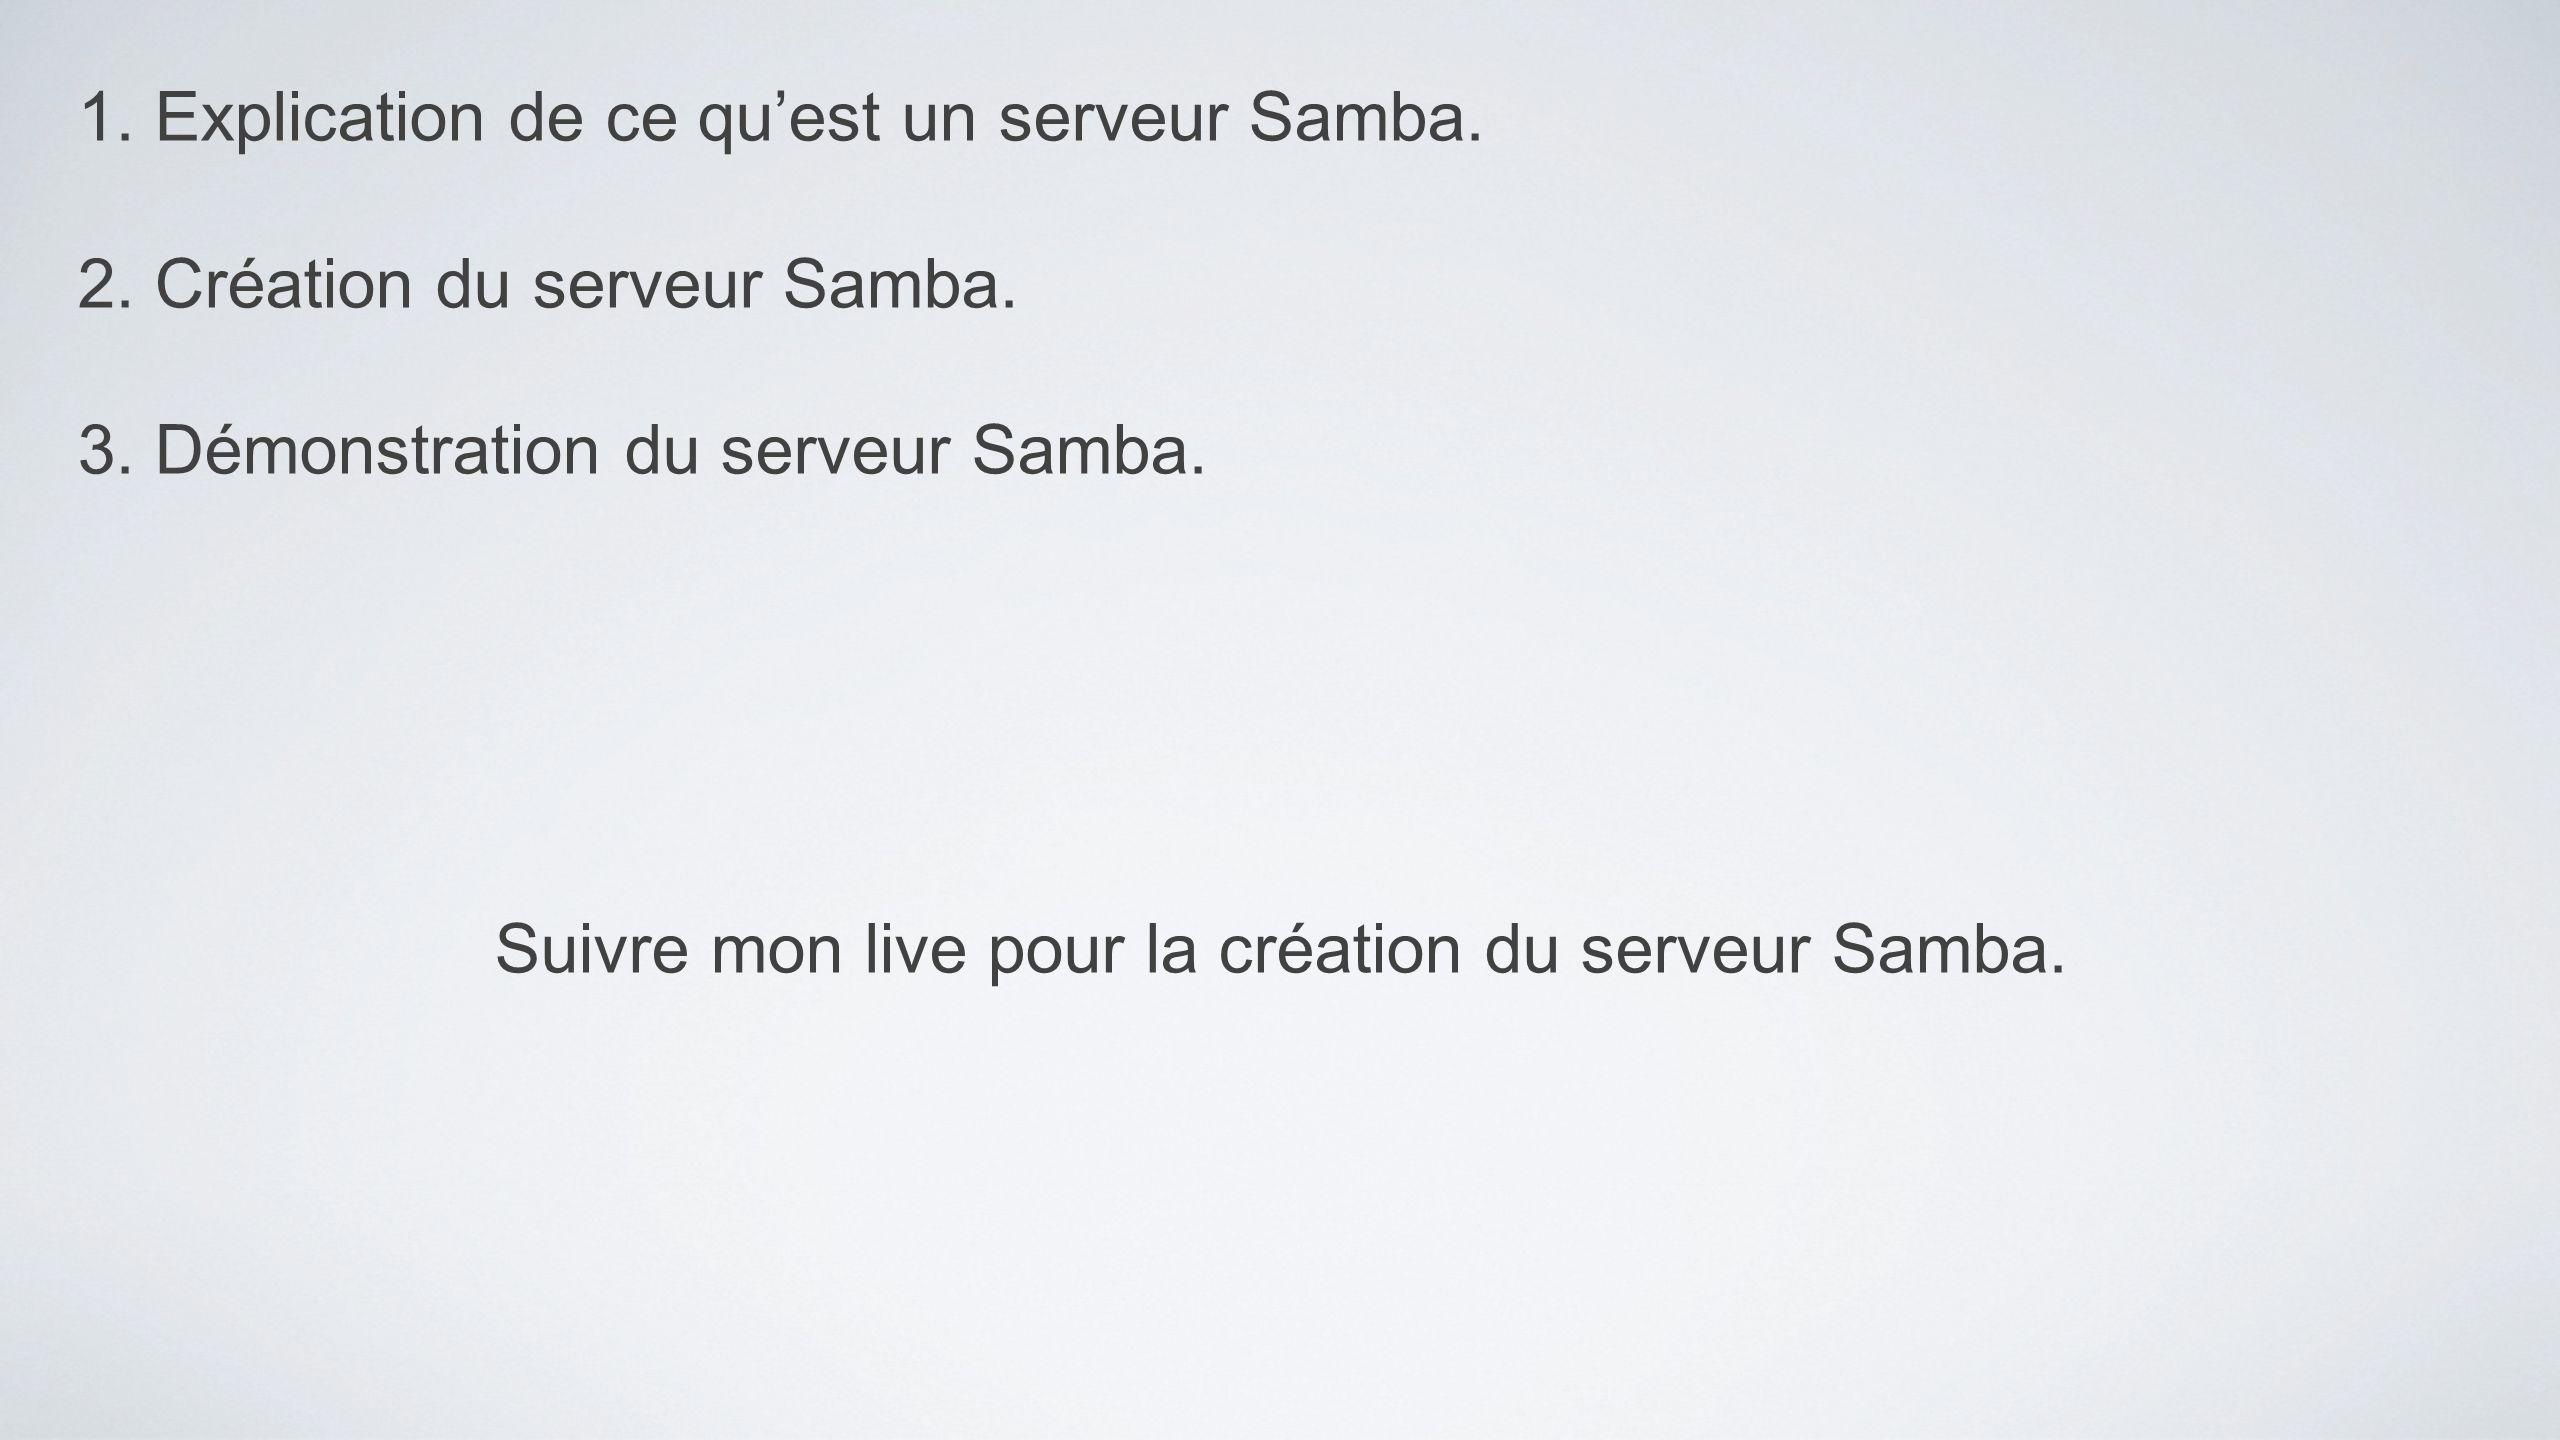 Suivre mon live pour la création du serveur Samba.